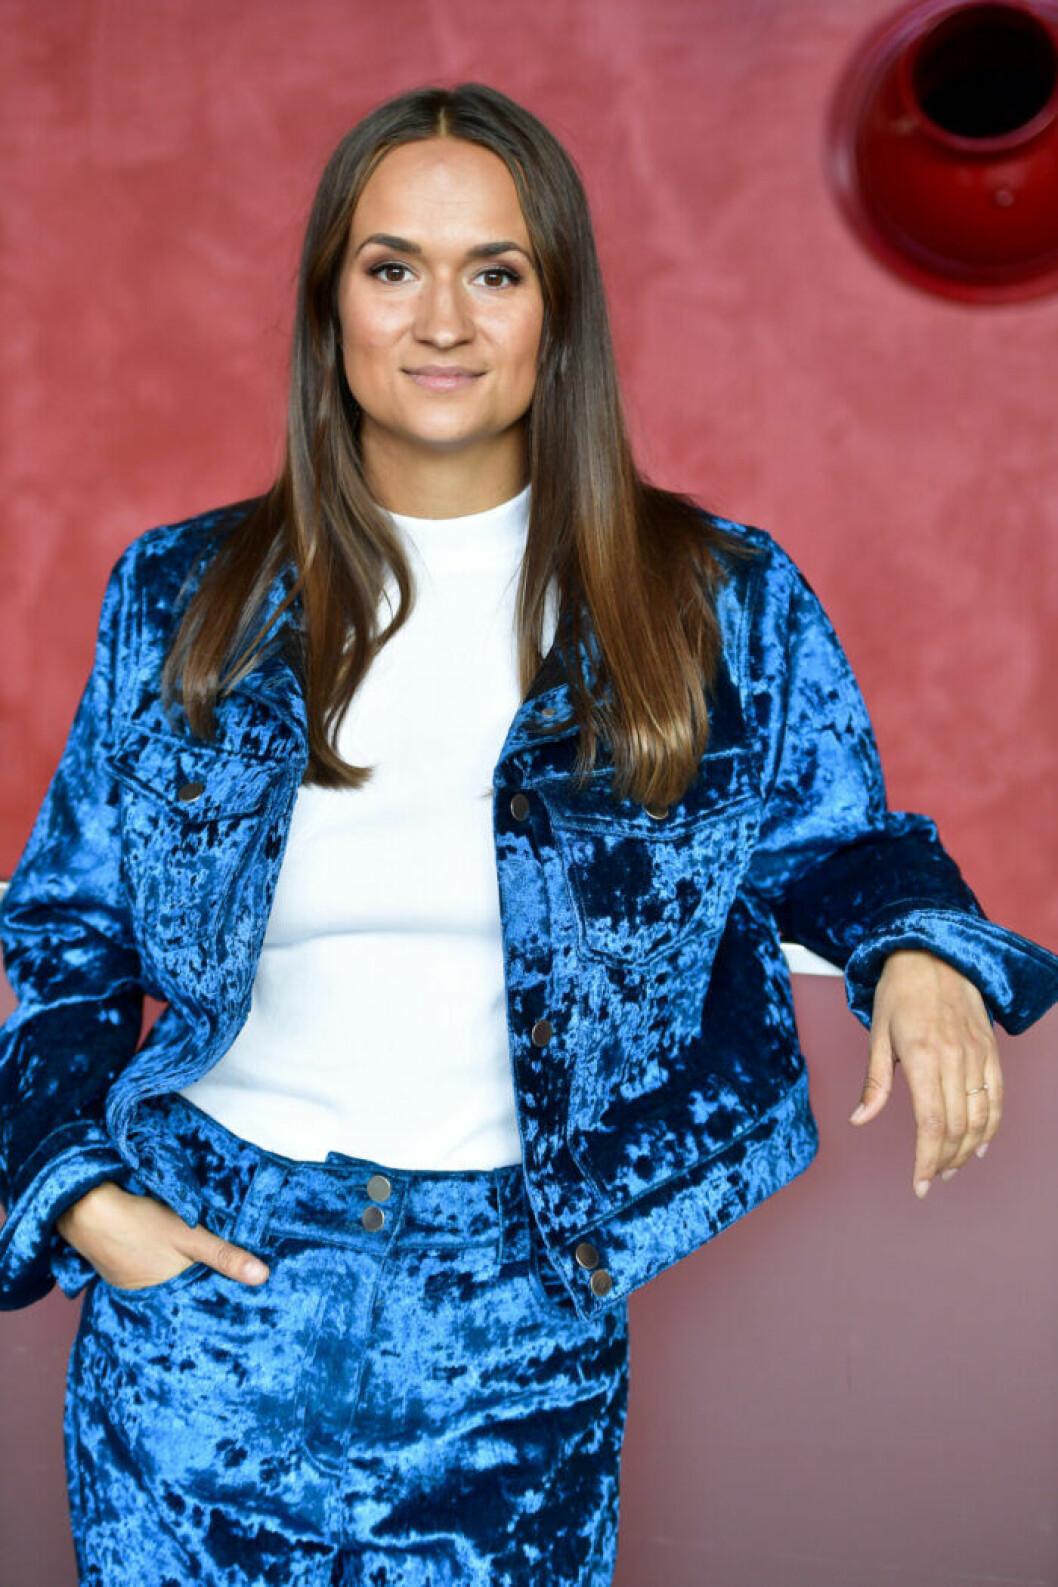 Bianca Kronlöf i blå kostym